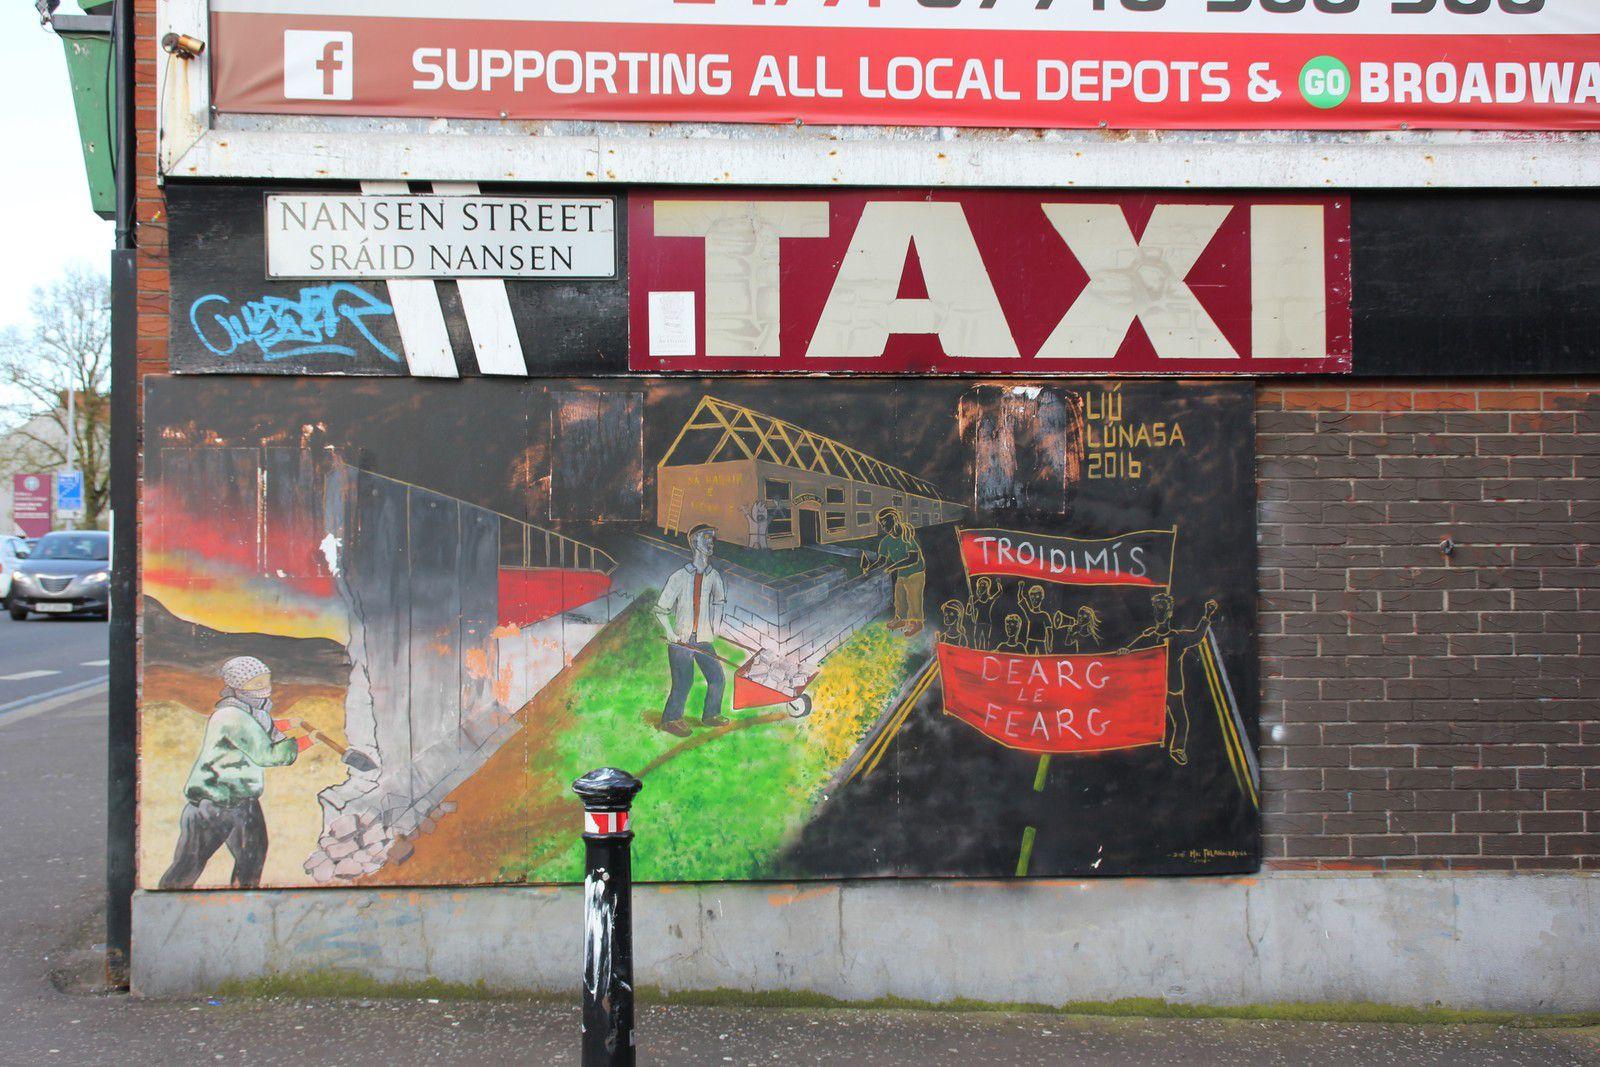 807) Nansen Street, Iveagh Parade, Shiels Street